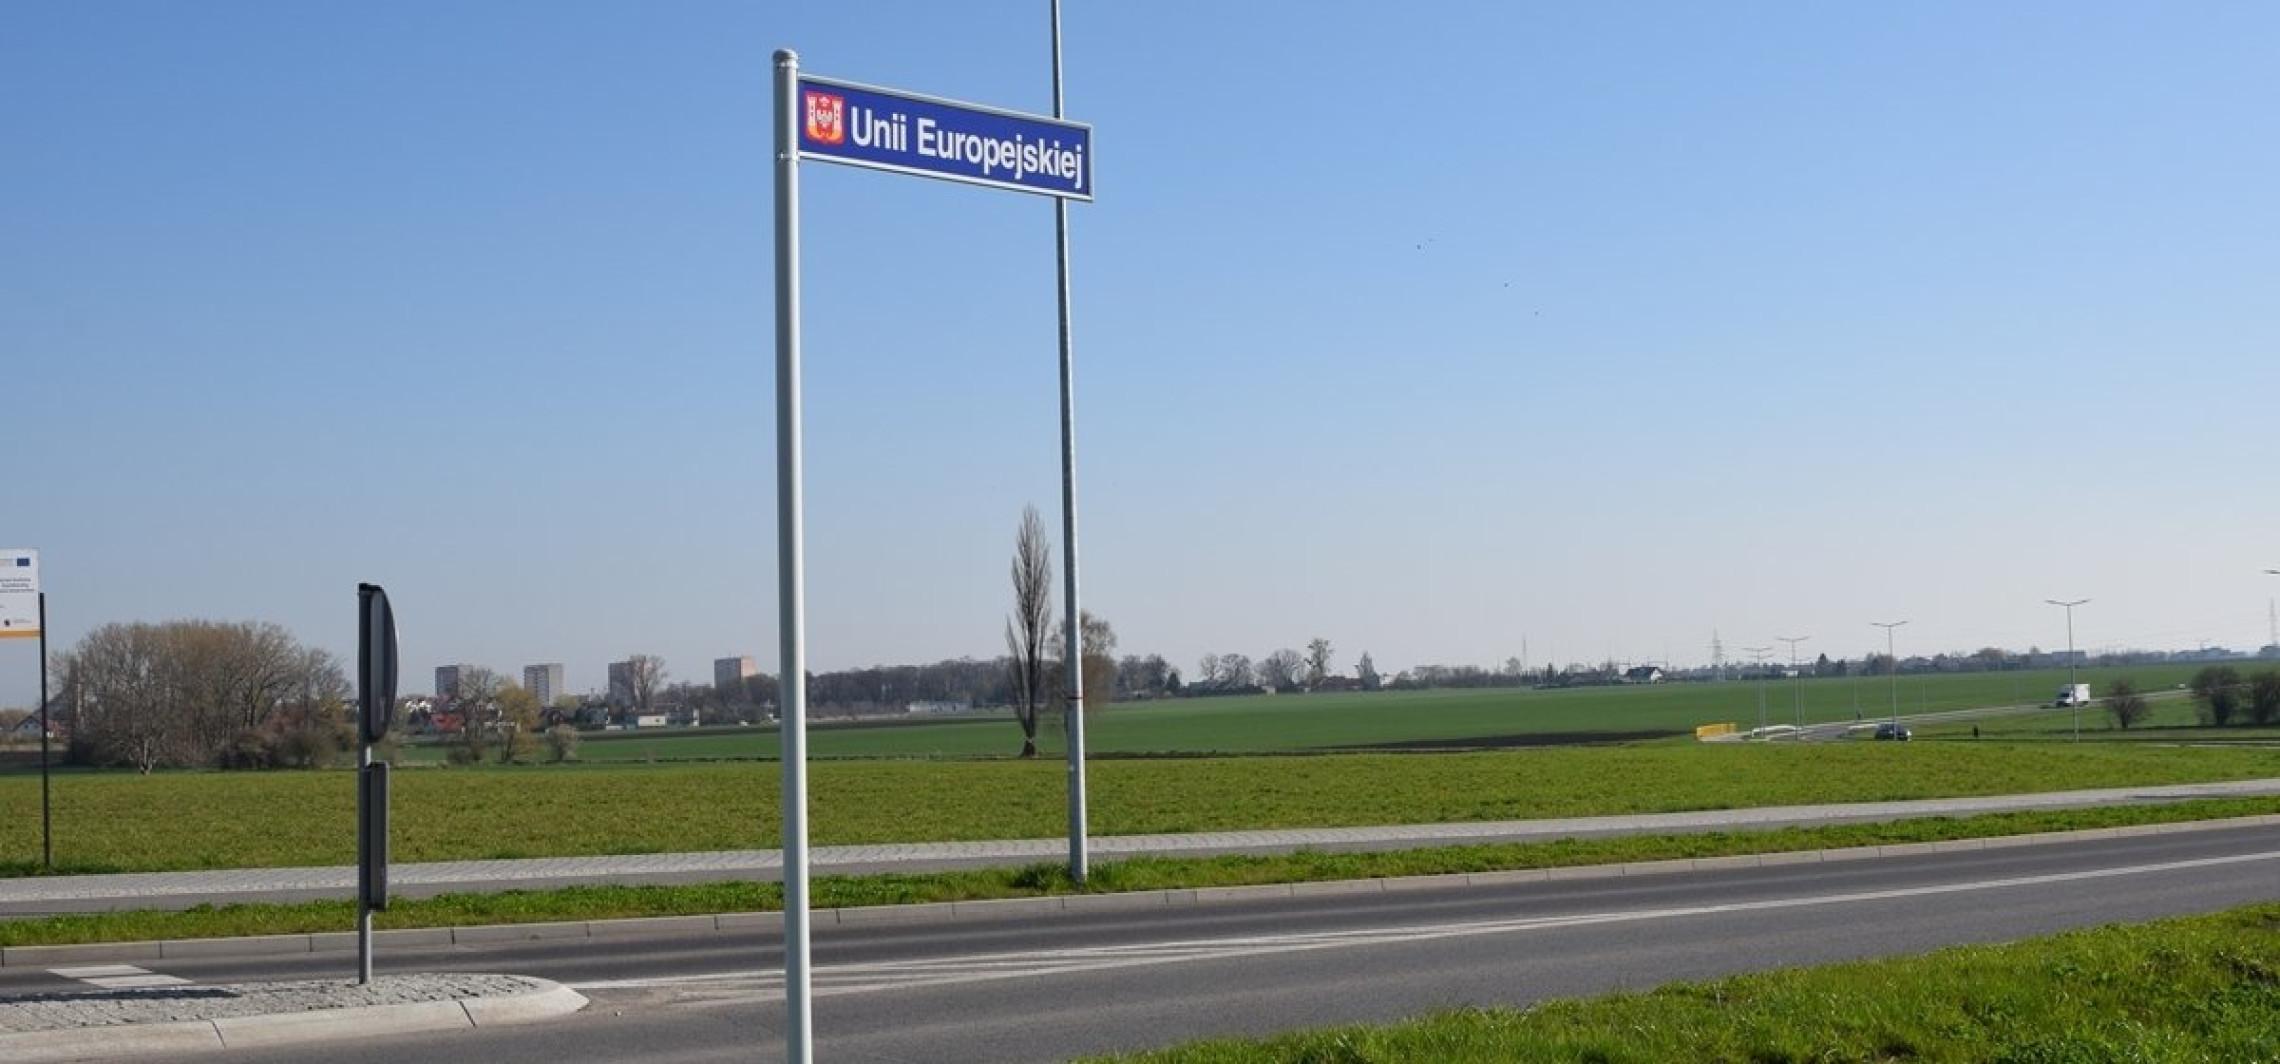 Inowrocław - Mamy już ulicę Unii Europejskiej